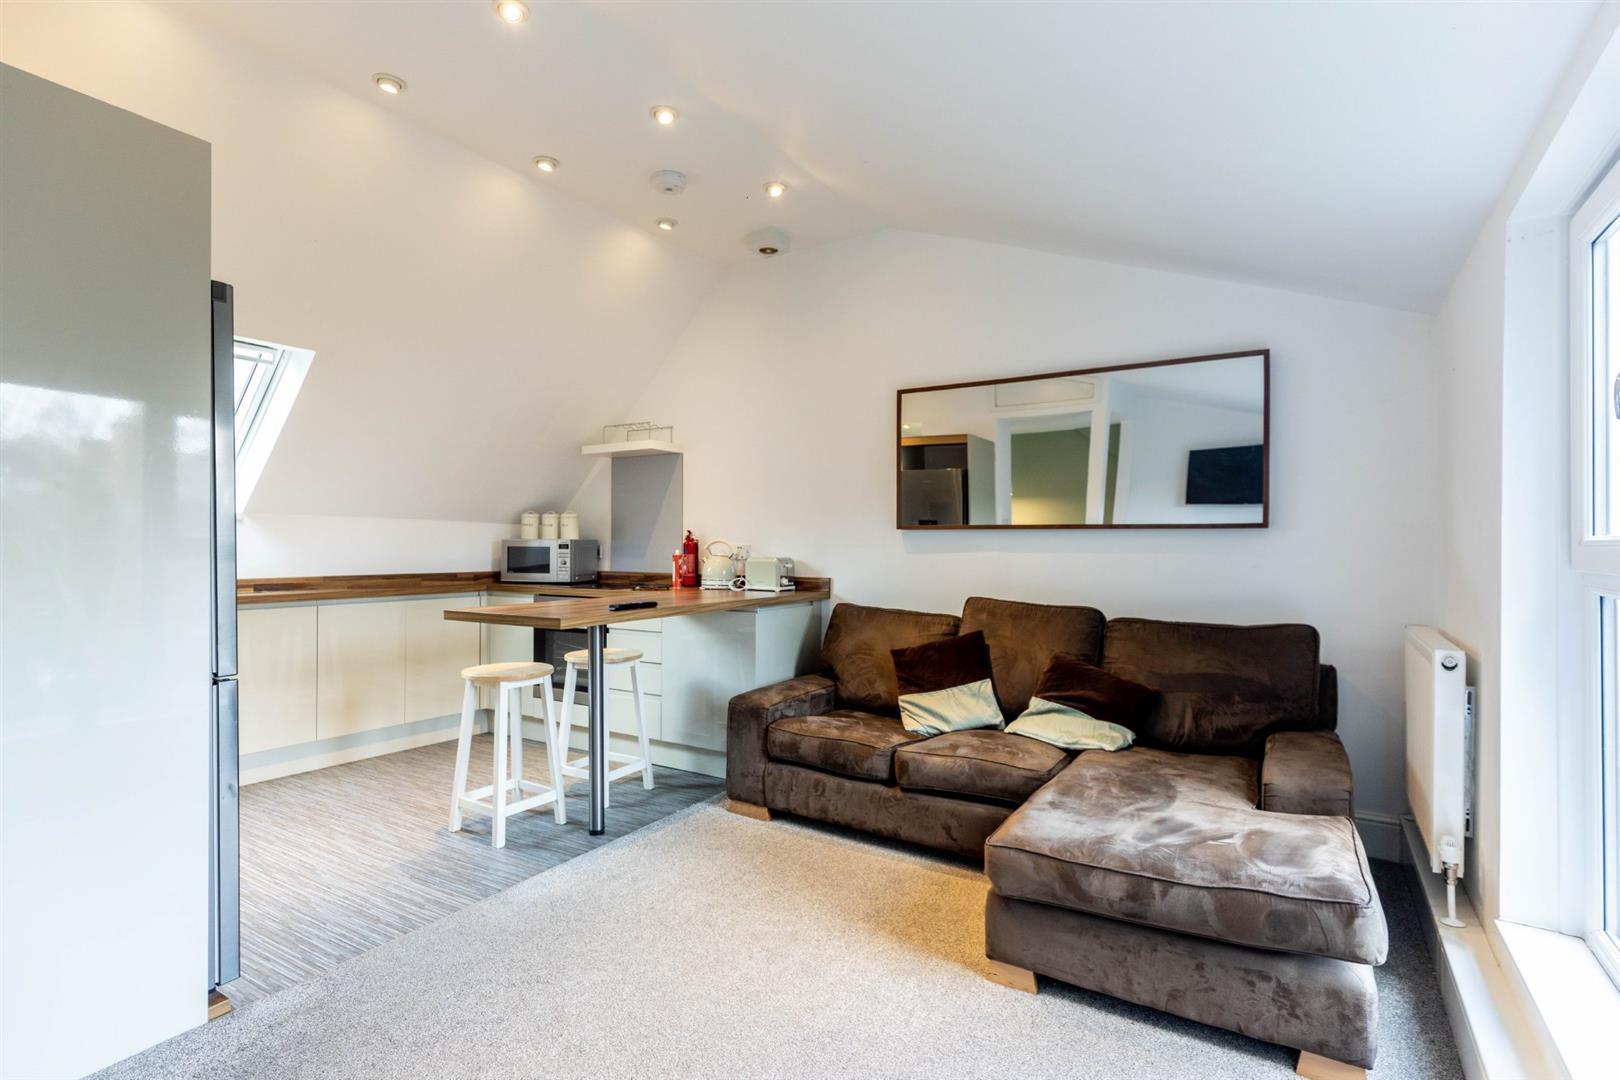 2 bed apartment to rent in Otterburn Villas, Jesmond, NE2